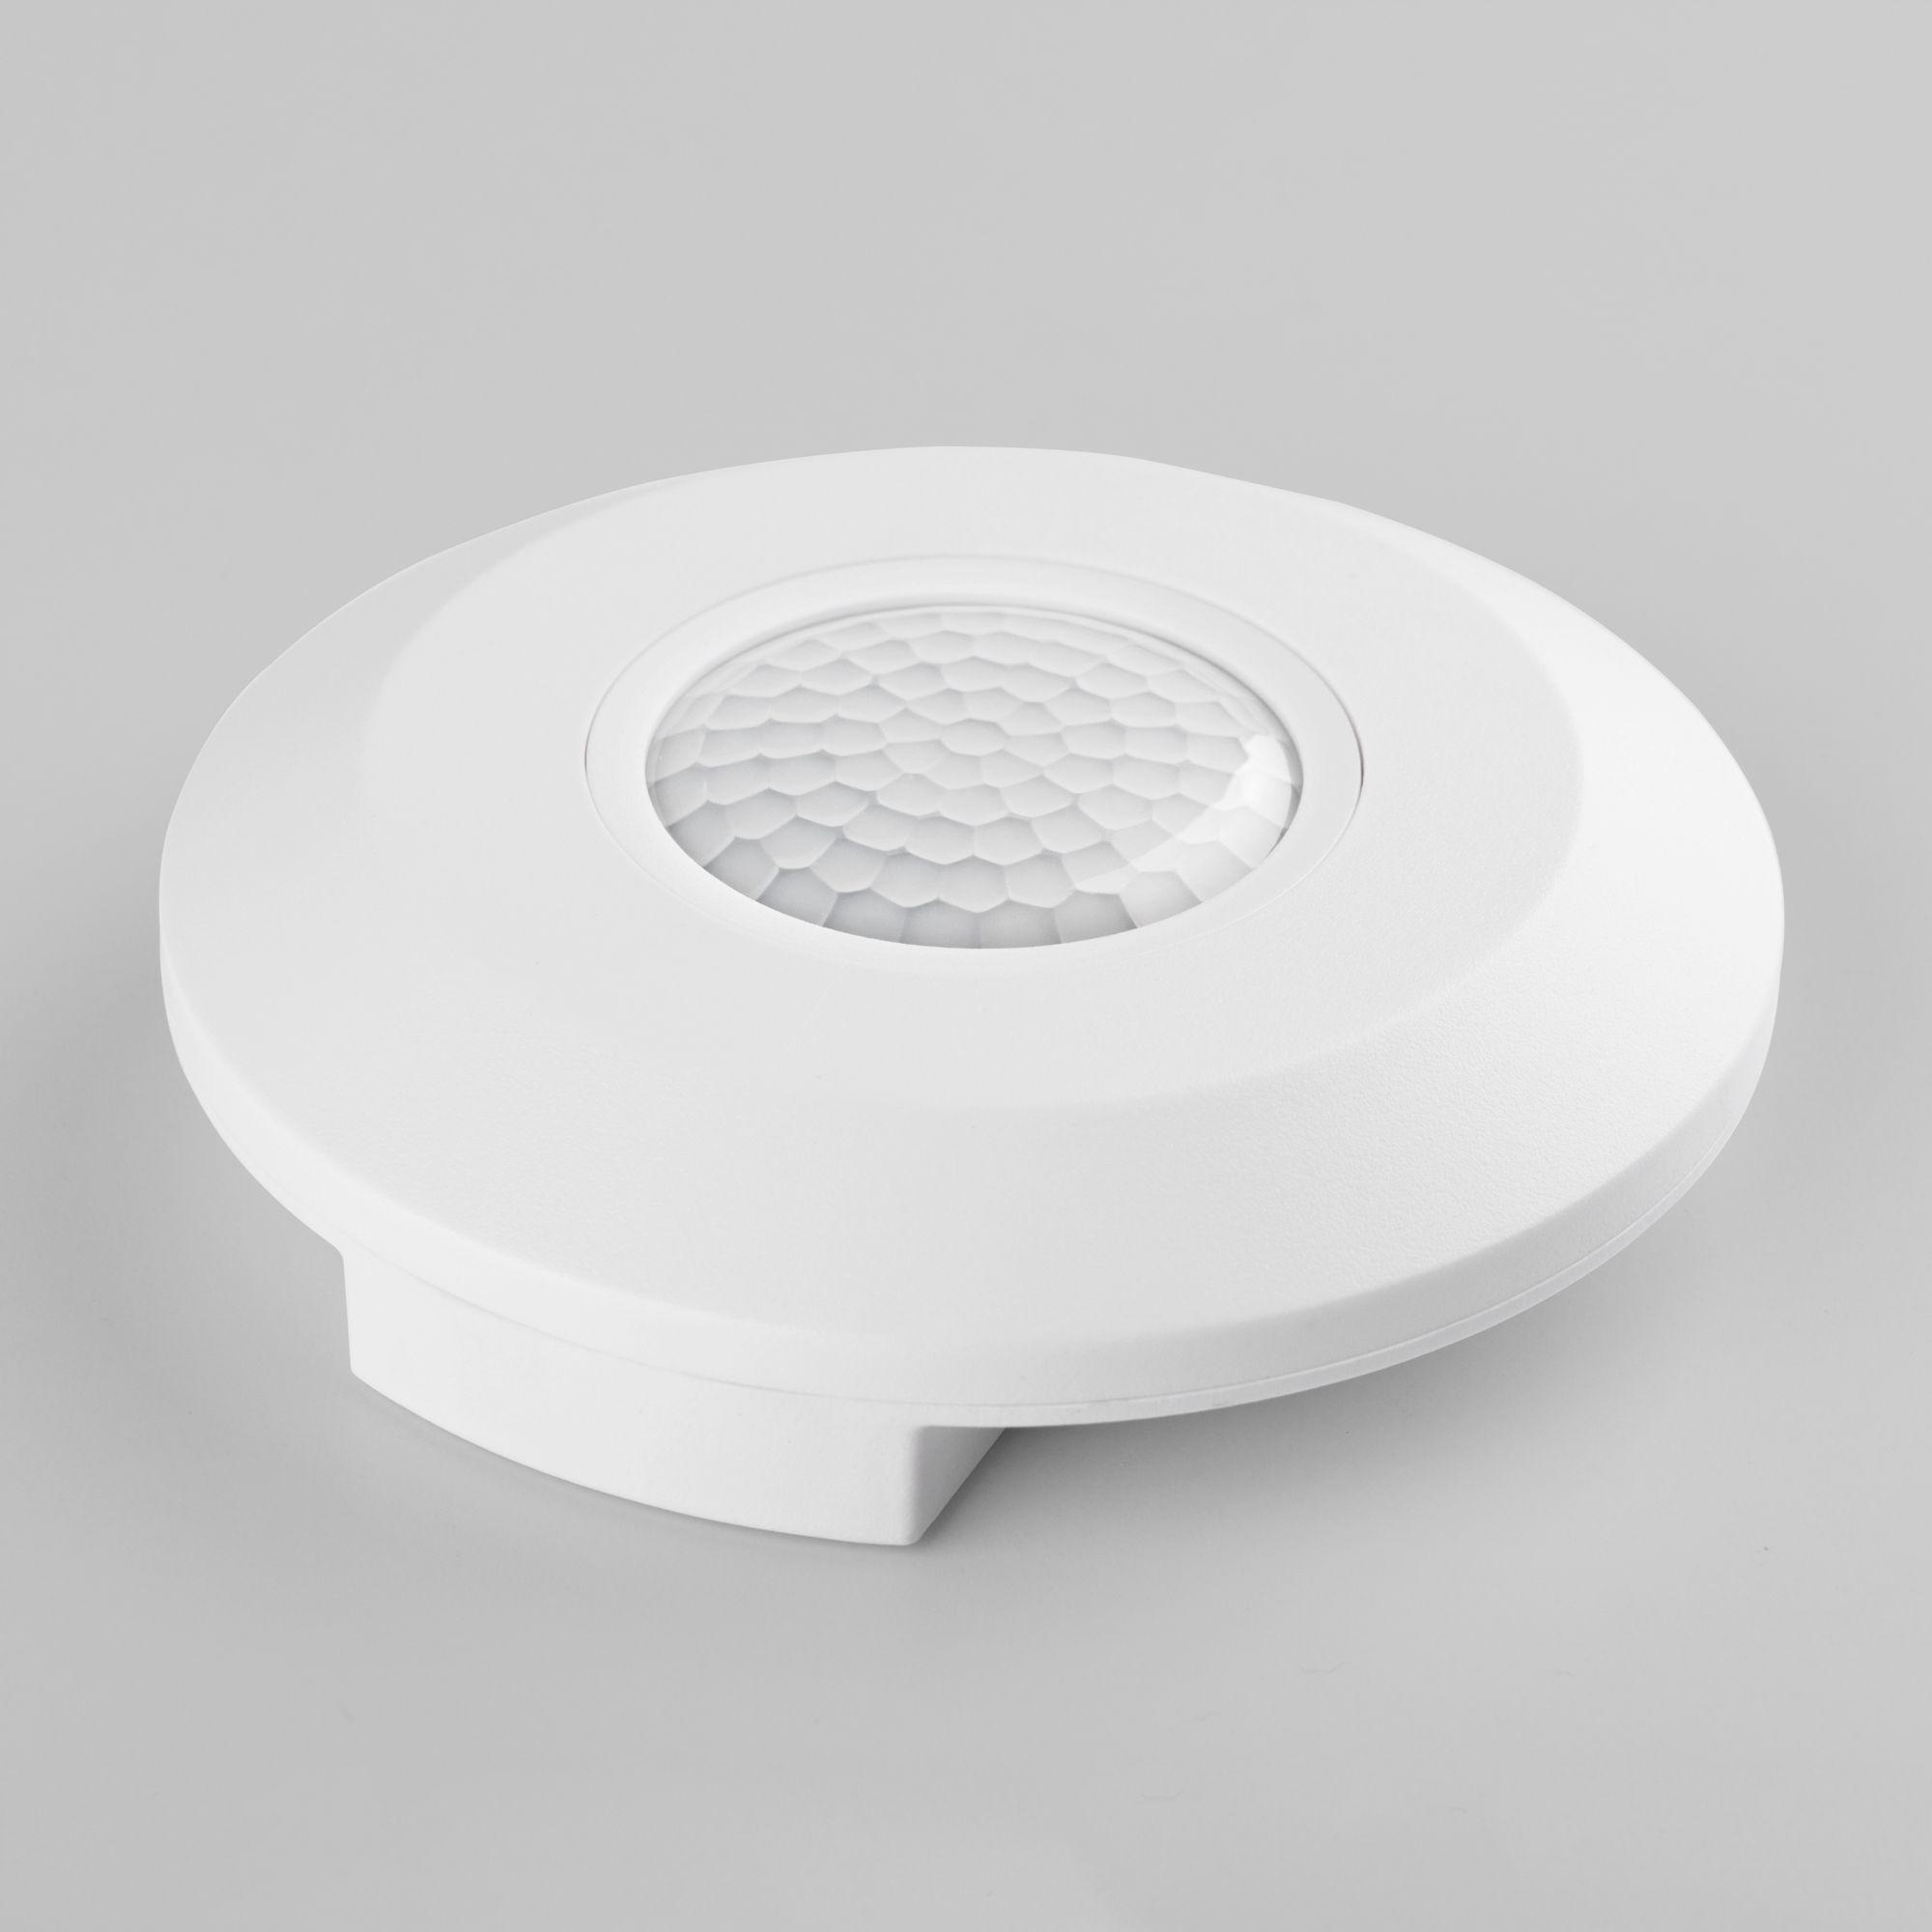 Инфракрасный датчик движения 6м 2000W 360 IP20 SNS-M-11